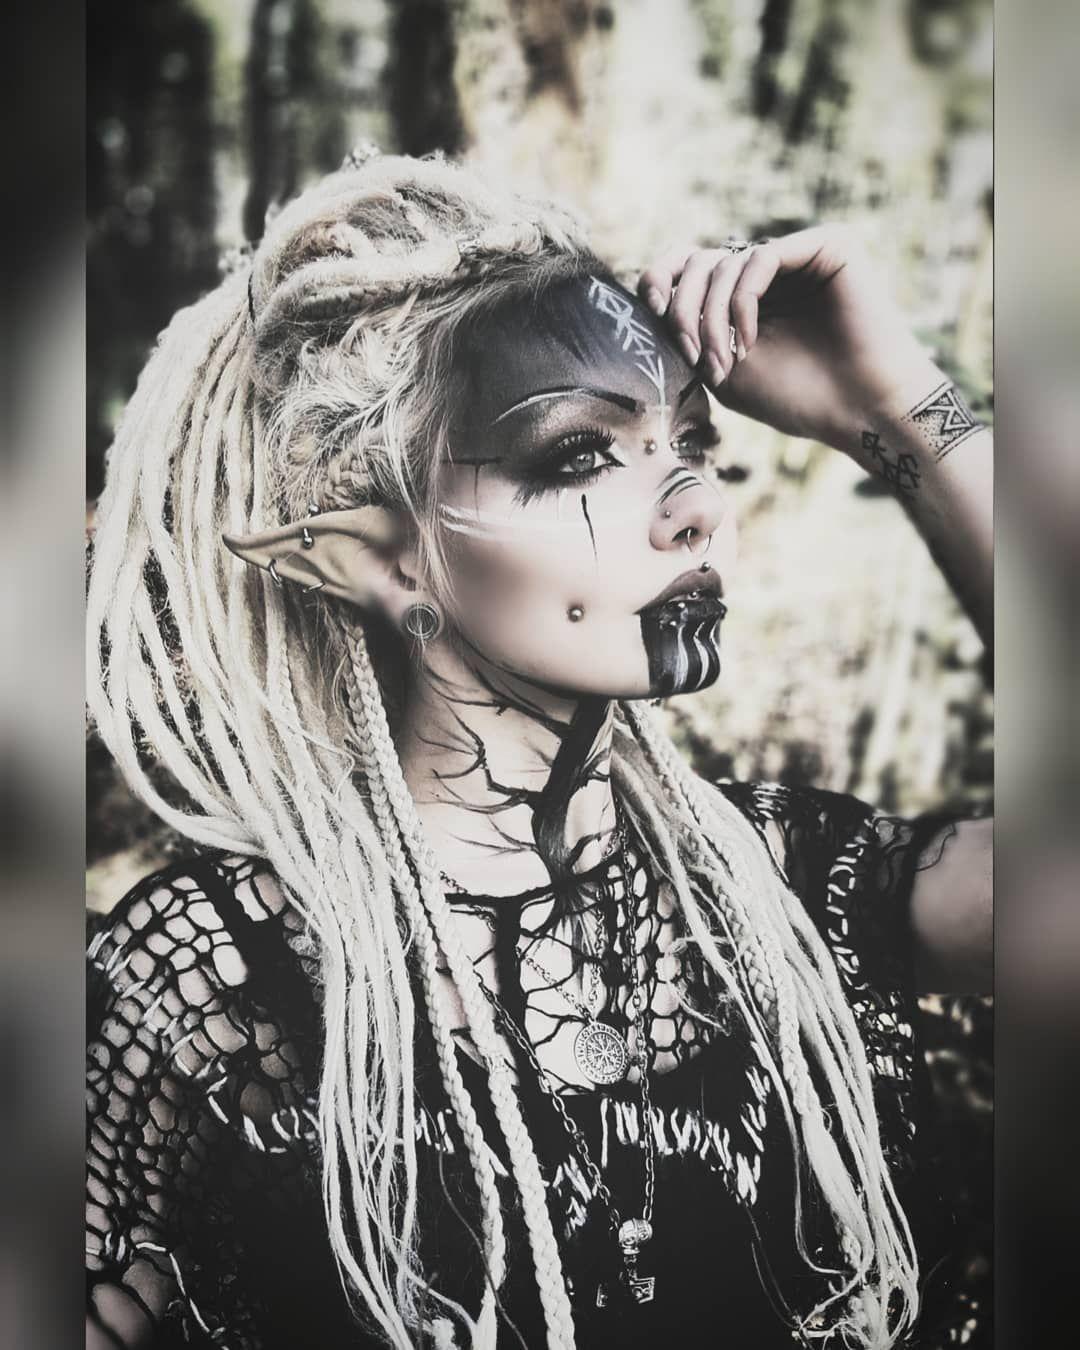 """Xelanah en Instagram: """"Ayer jugué con el elfo del bosque 🙈 ¡También voy a echar un vistazo a mi nuevo tatuaje! ¿Ustedes tienen tatuajes o proyectos? 🌱. . . # goth # gothgoth … """""""